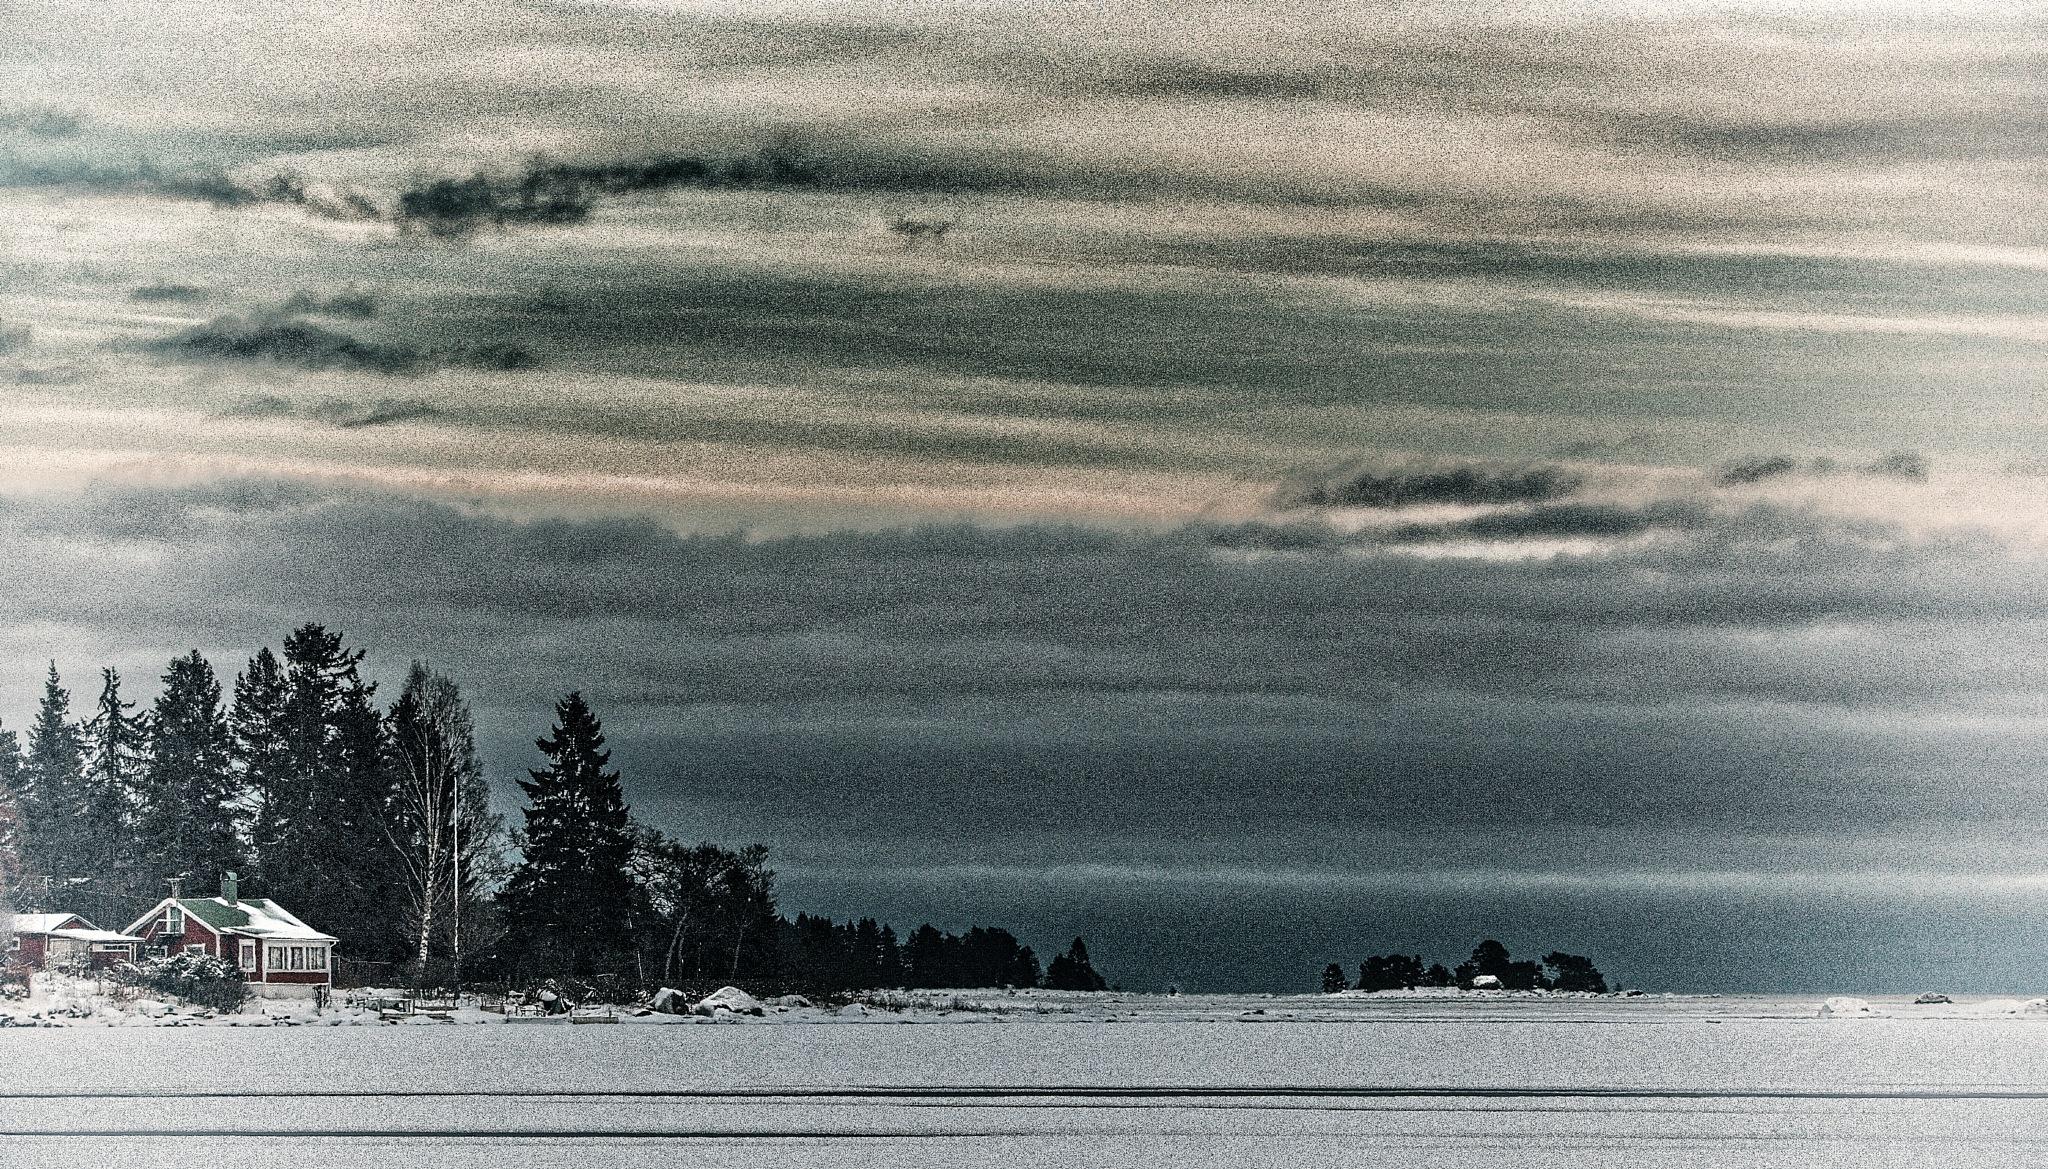 Eagle Ice by Bo Kärker